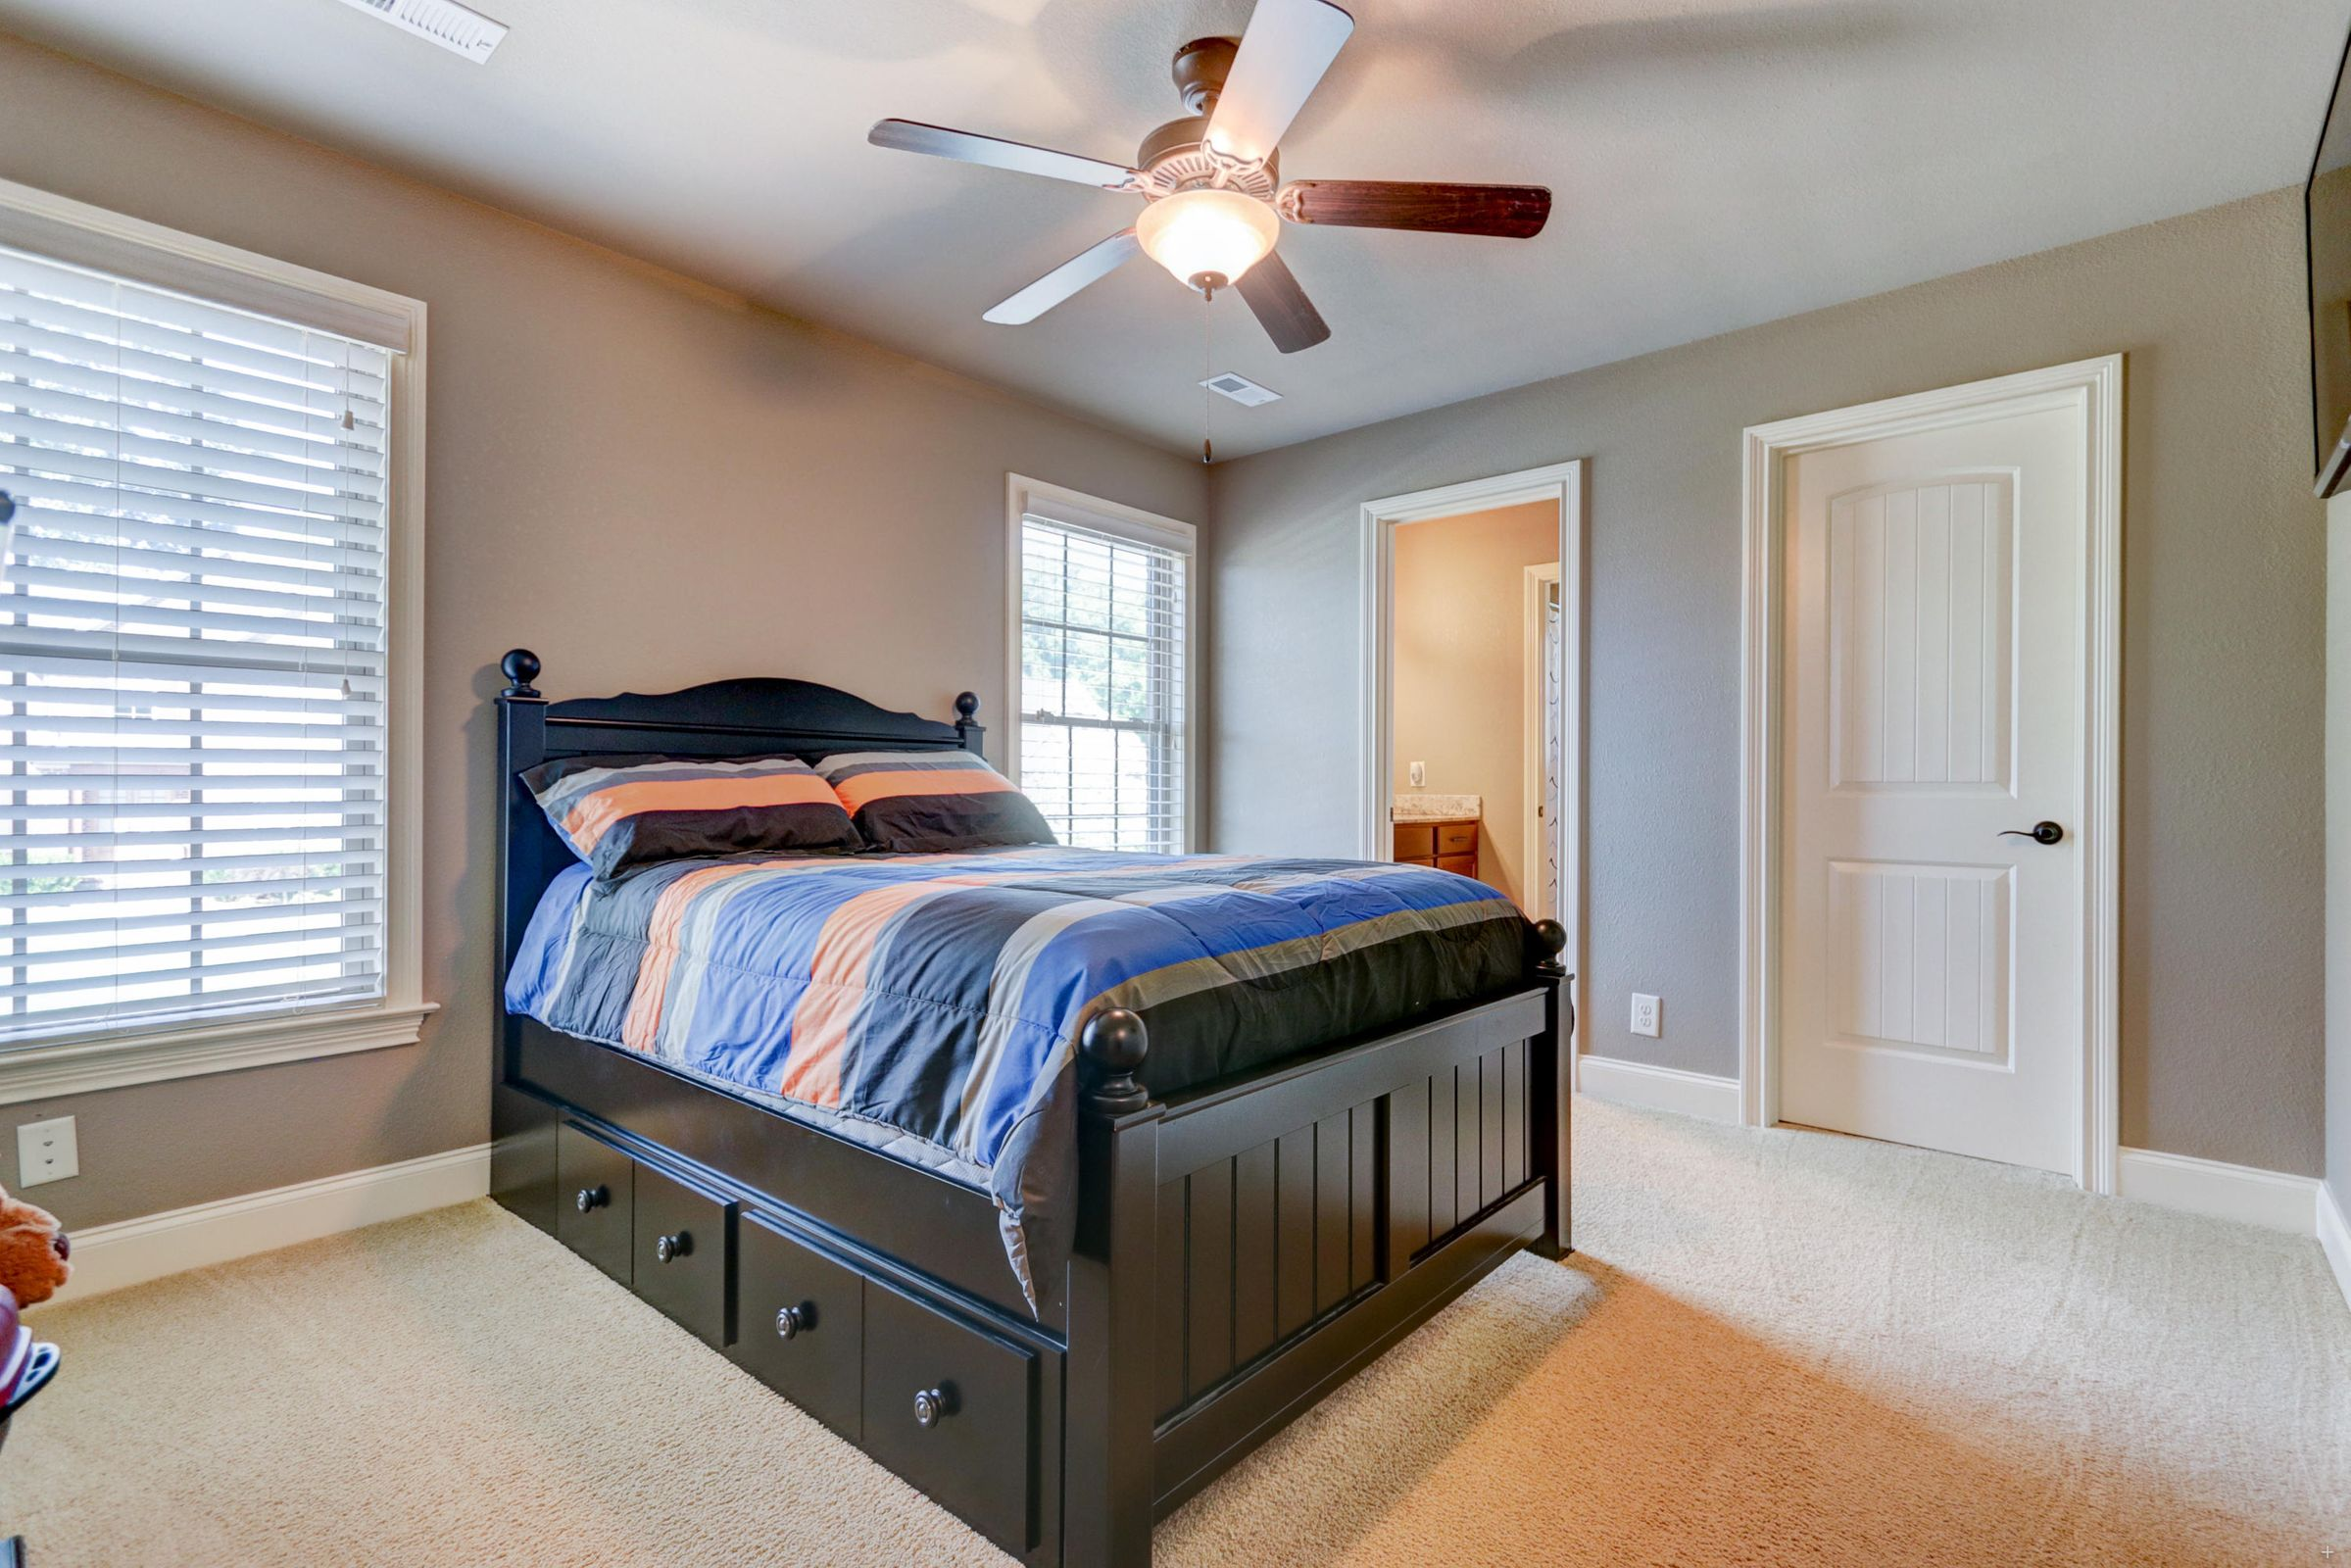 Bedroom 4 - Up